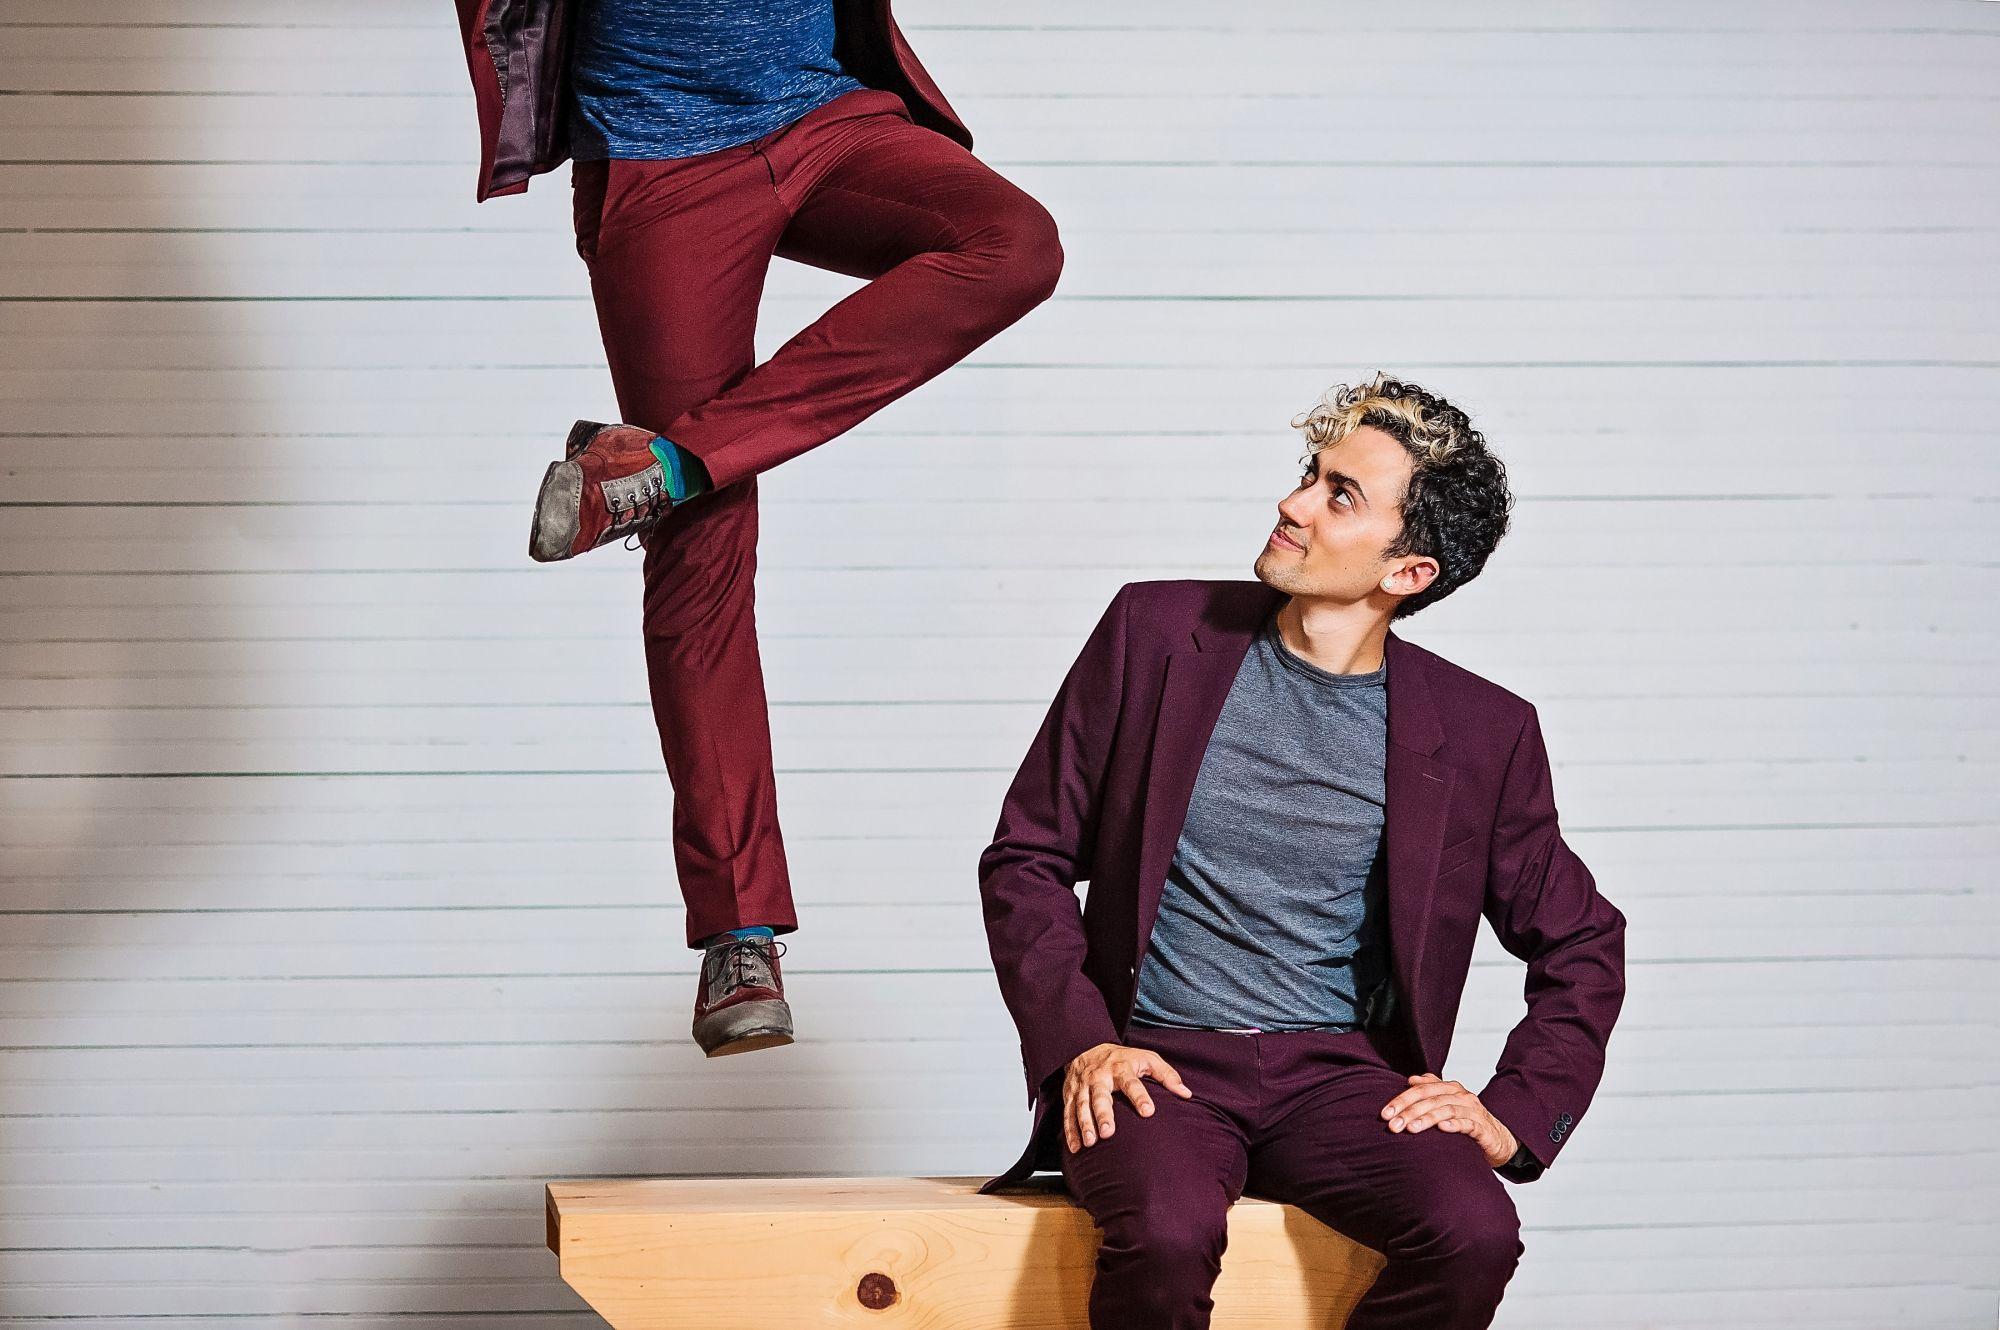 Caleb Teicher & Nic Gareiss (USA): Caleb & Nic